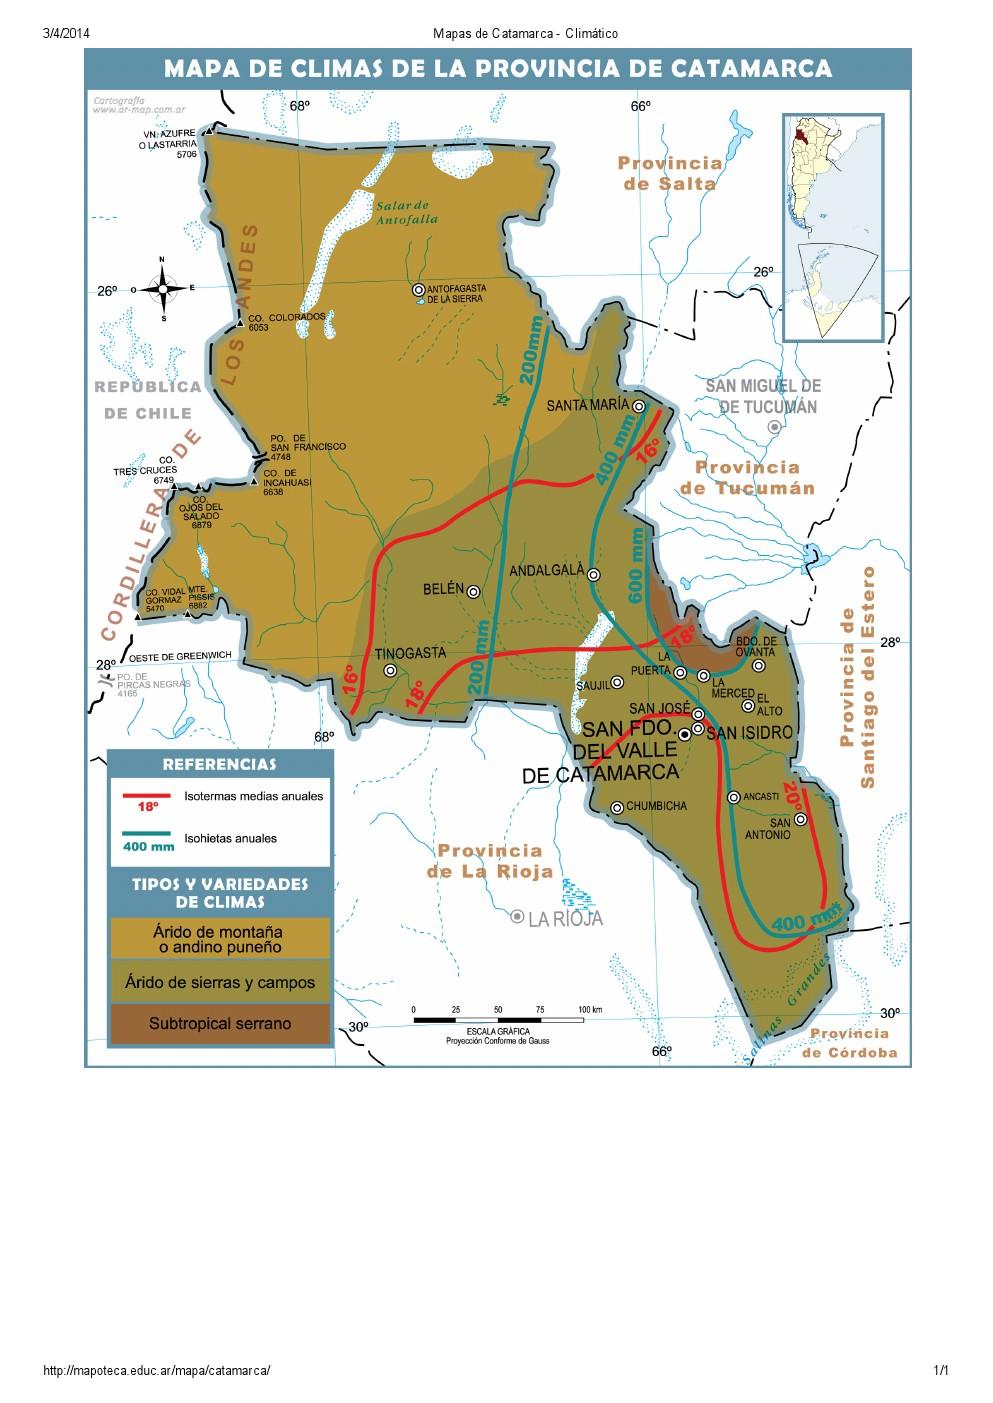 Mapa climático de Catamarca. Mapoteca de Educ.ar